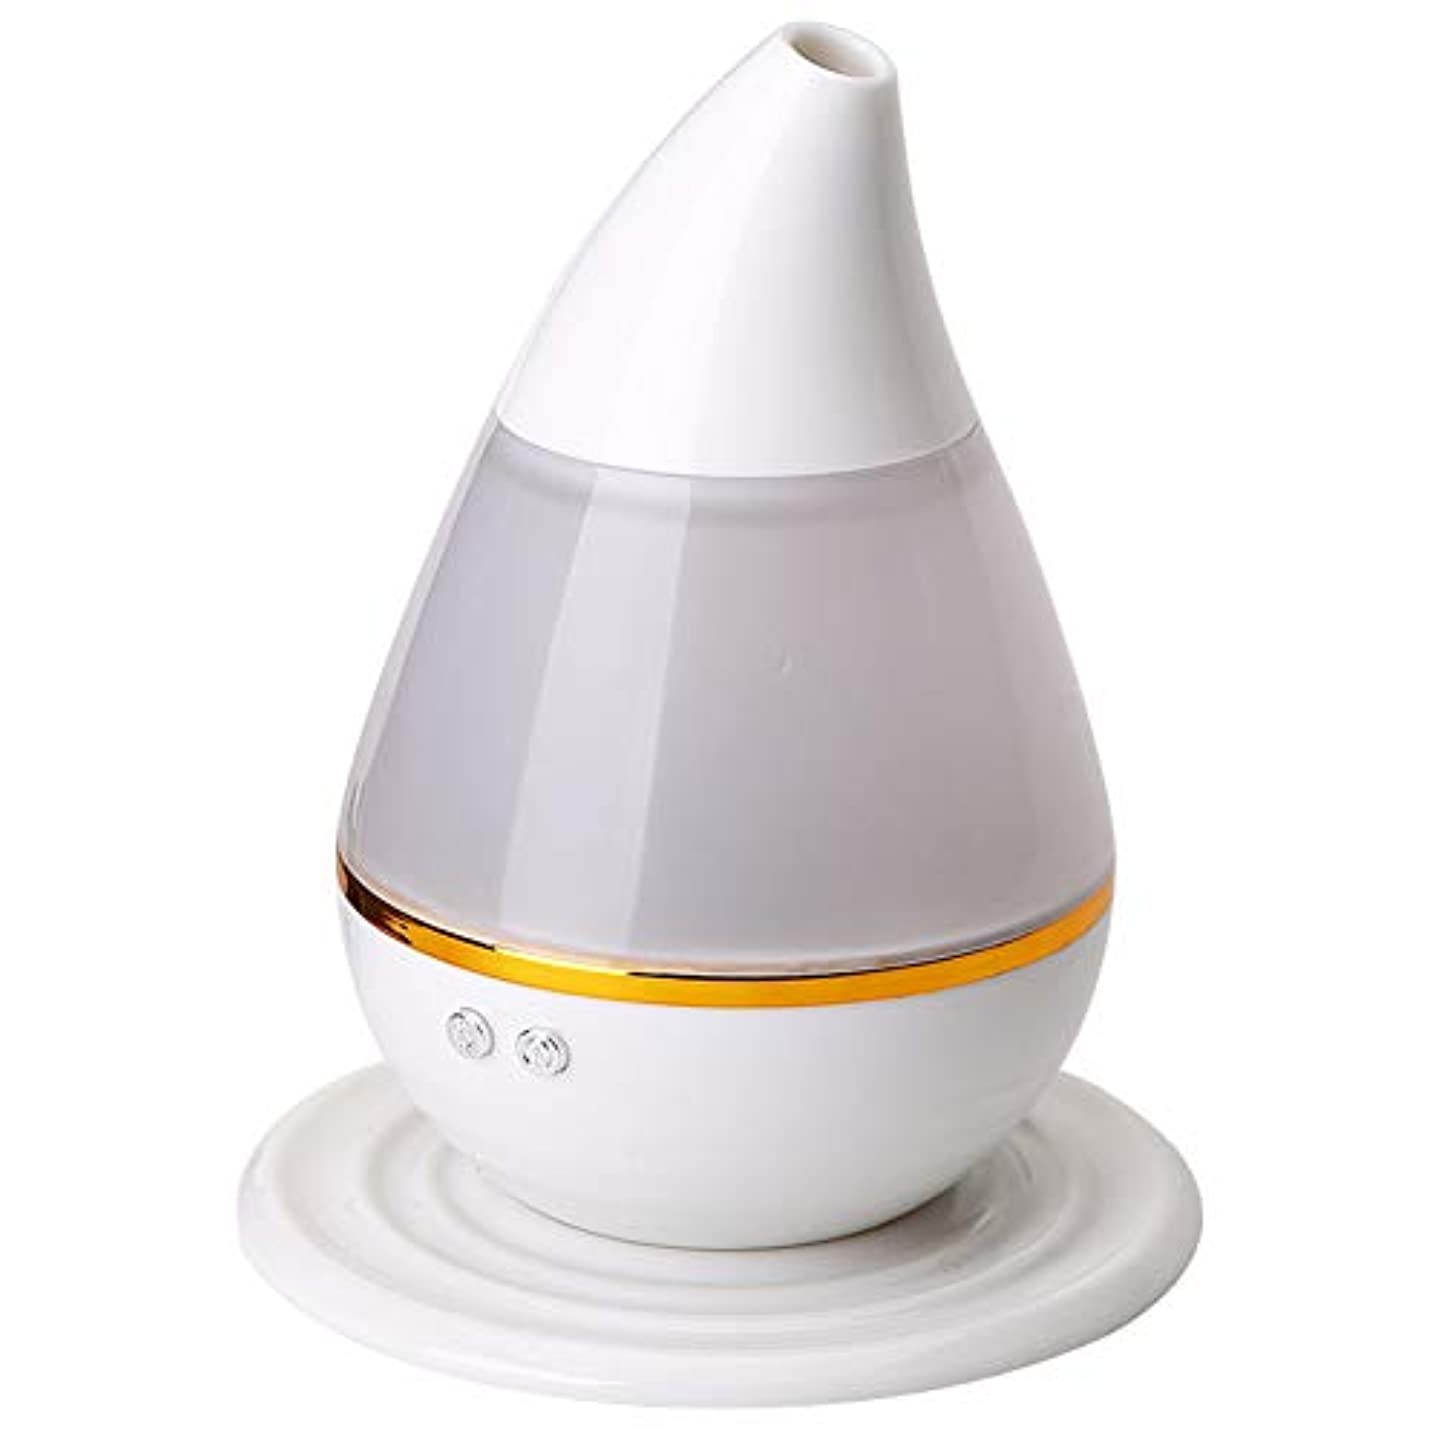 エッセンシャル オイル ディフューザー, 涼しい霧の加湿器 7色LEDムードランプ そして 自動シャットオフ アロマディフューザー の ホーム オフィス Yoga 車-ホワイト 12x15cm